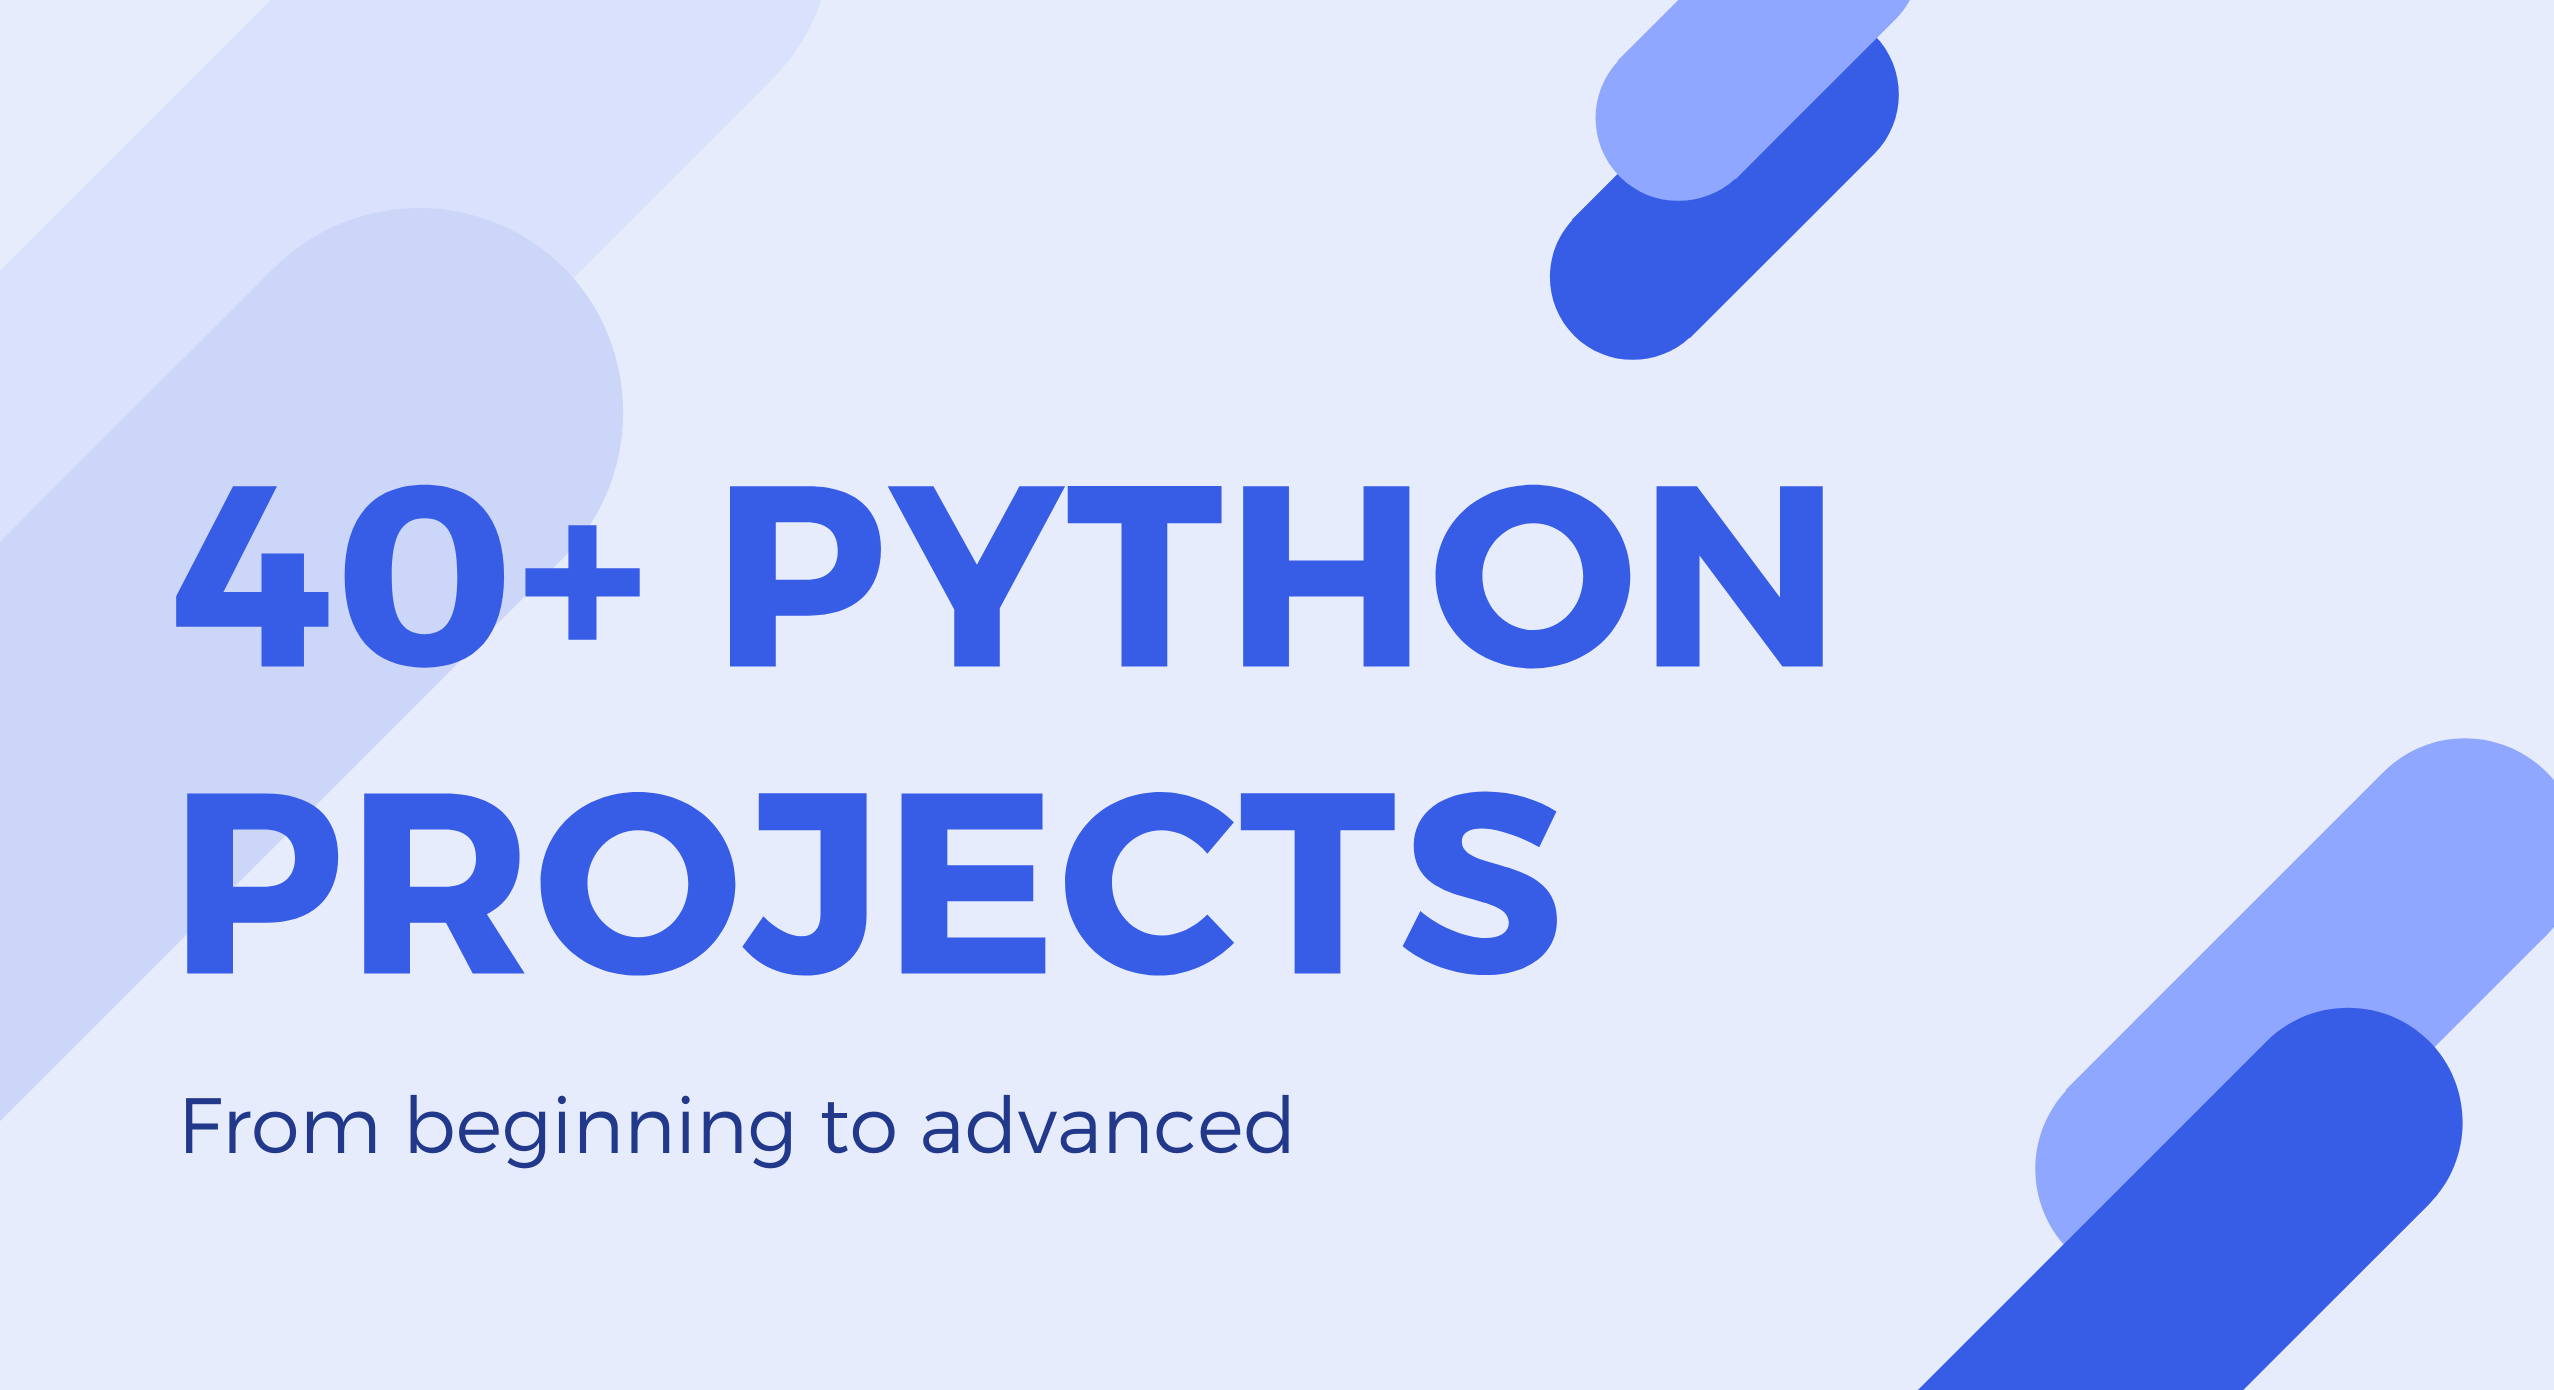 40+ Python Projects từ Beginner đến Advanced dành cho dân lập trình